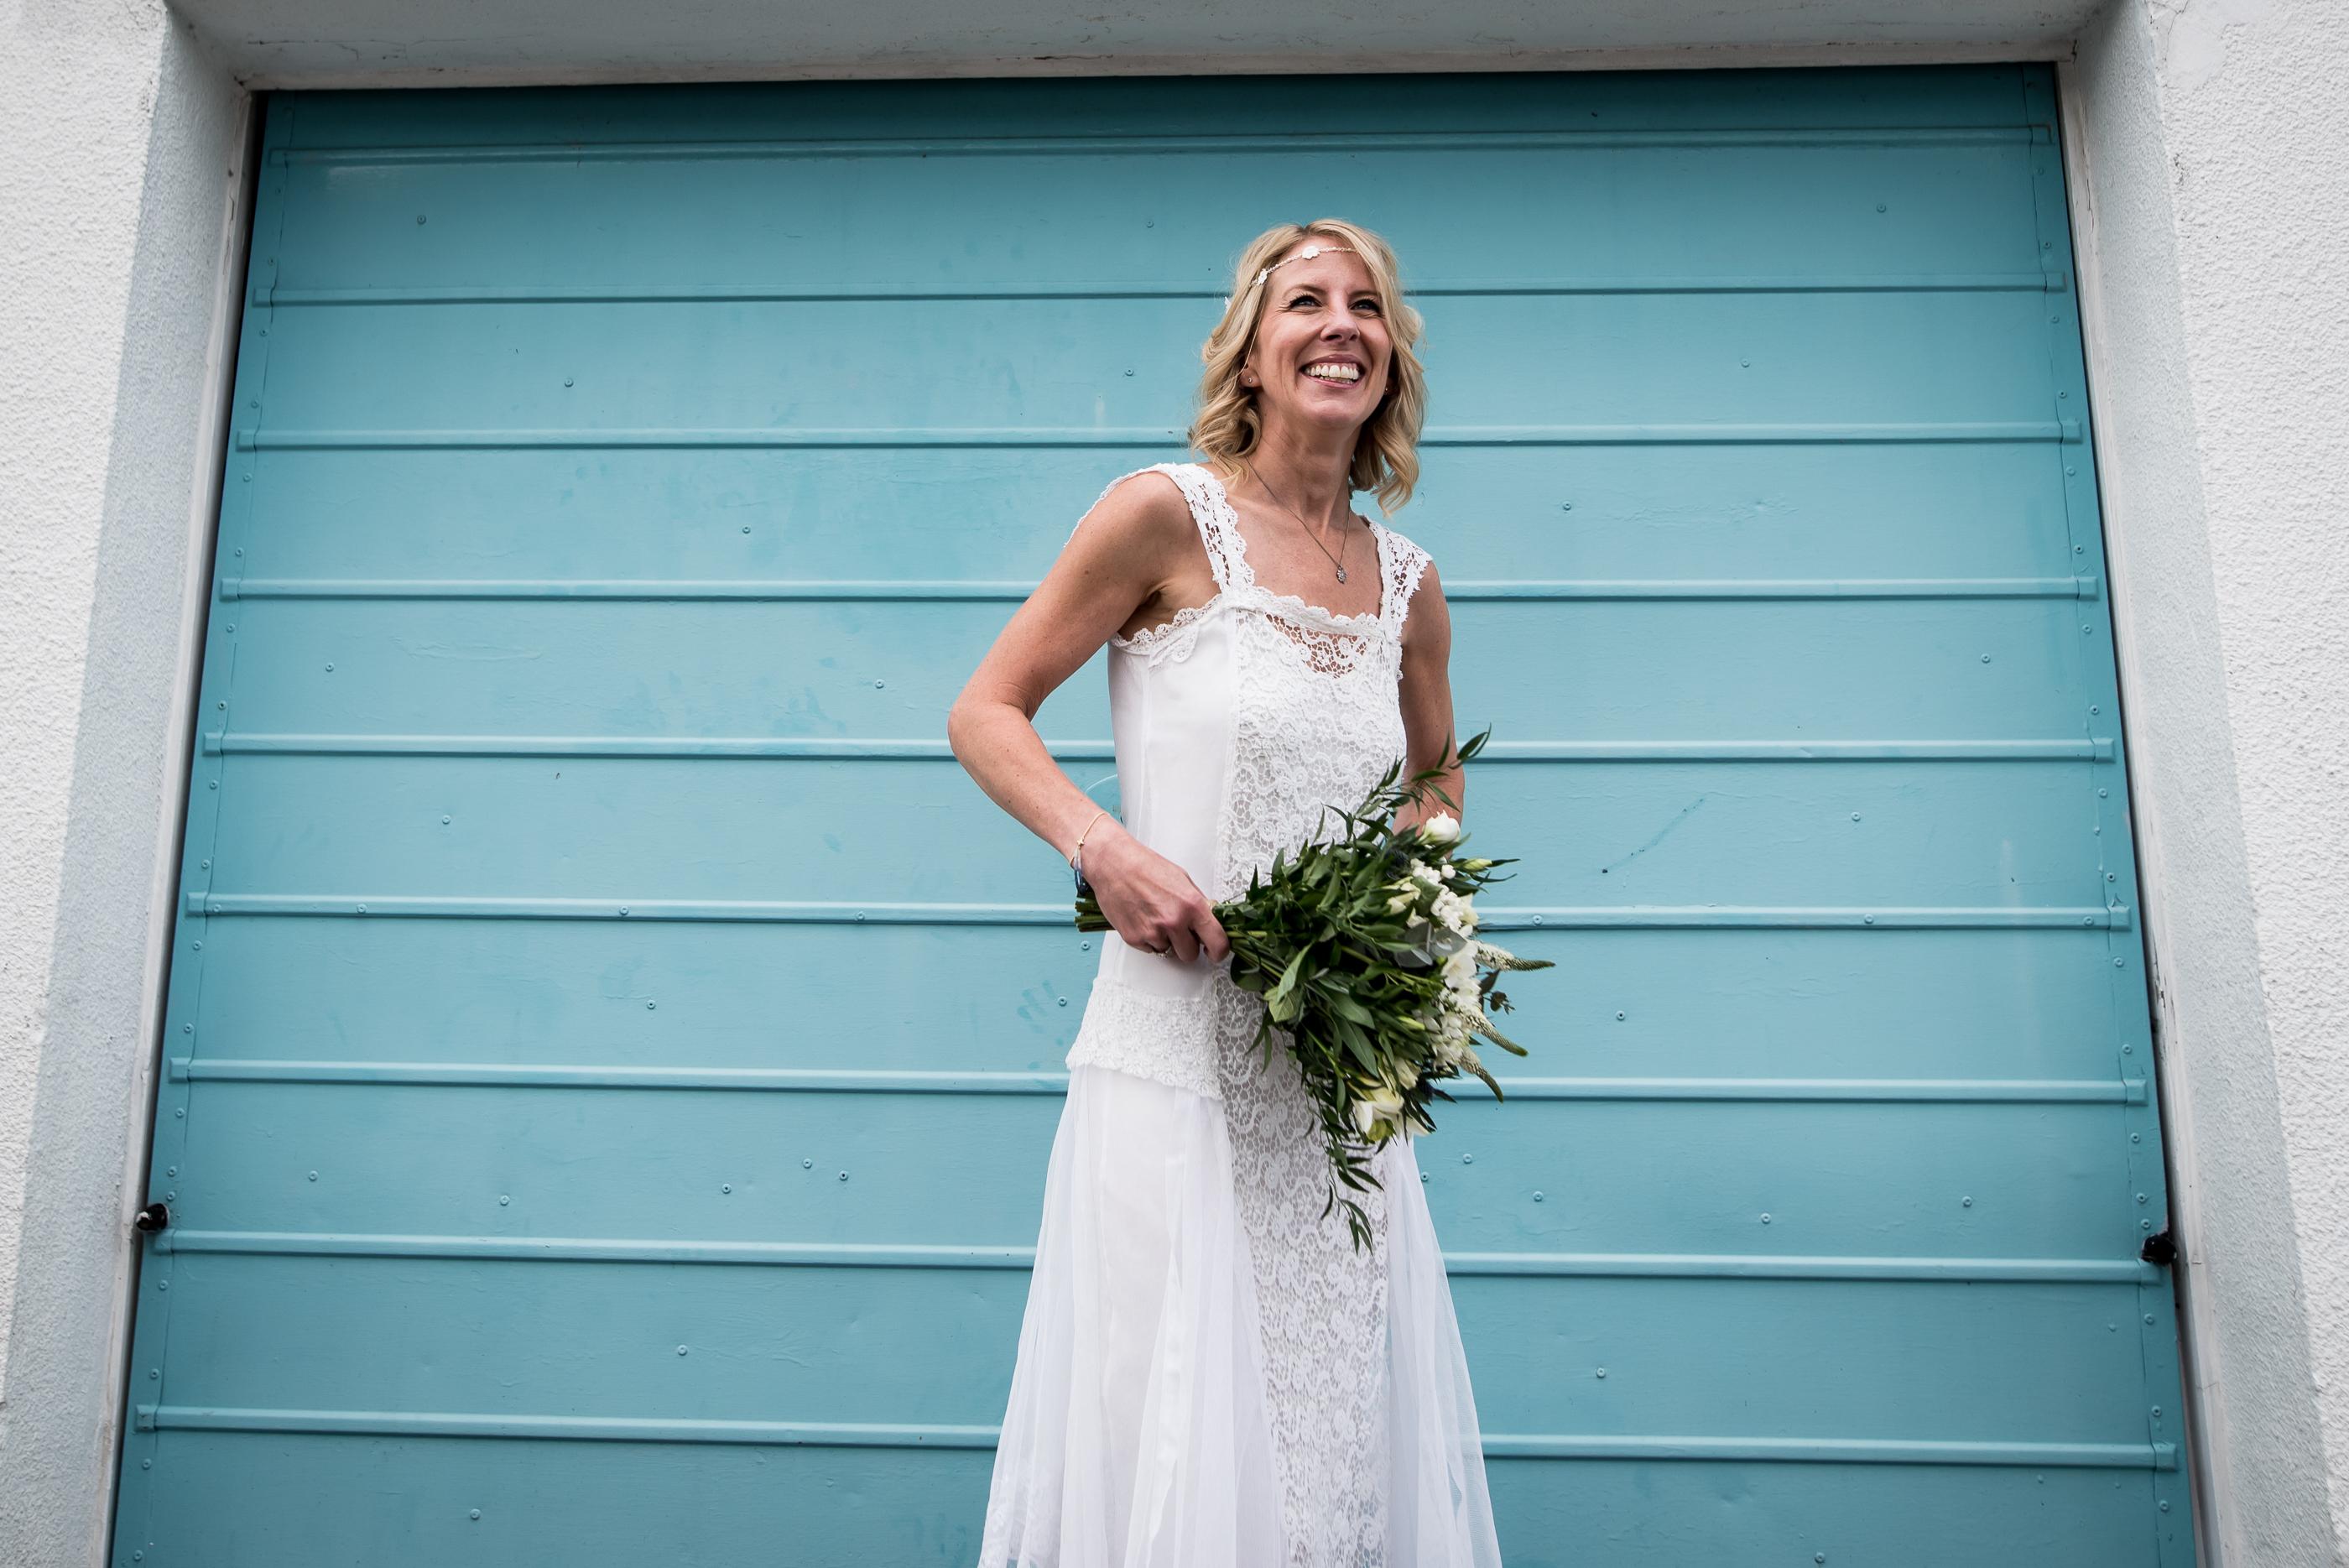 Pretty Wedding Dress Devon Photos - Wedding Ideas - memiocall.com